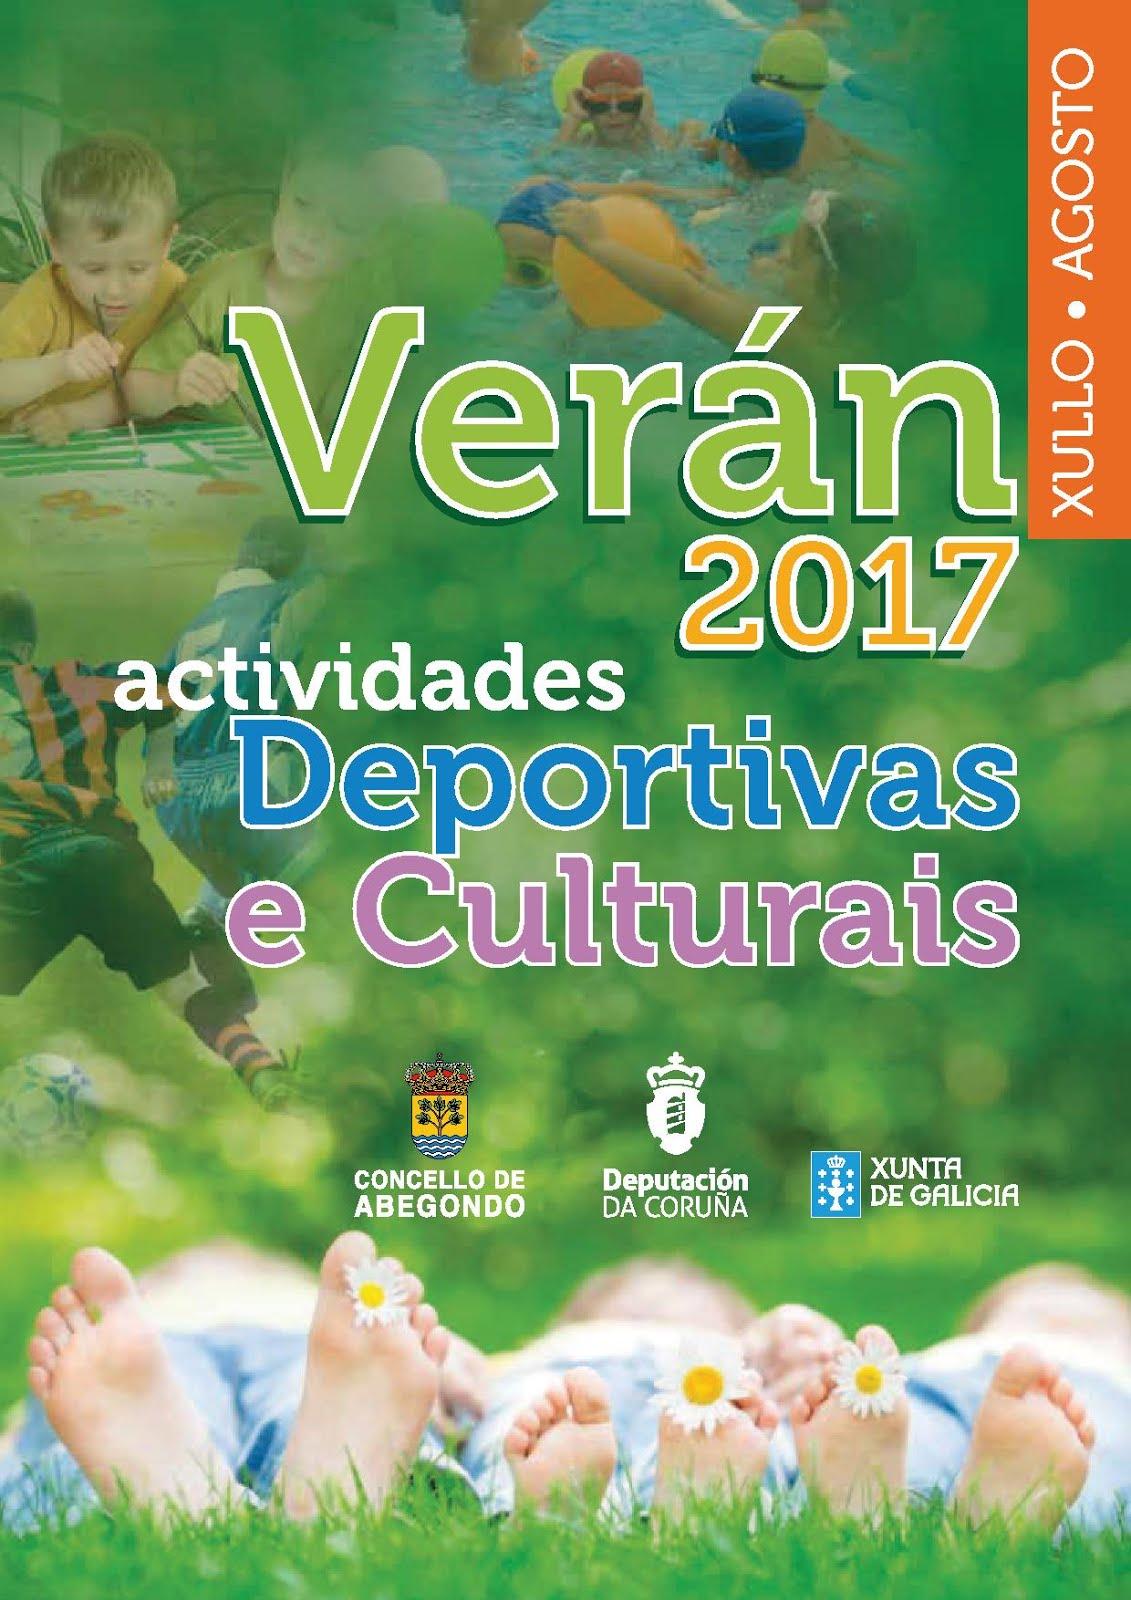 folleto verán 2017